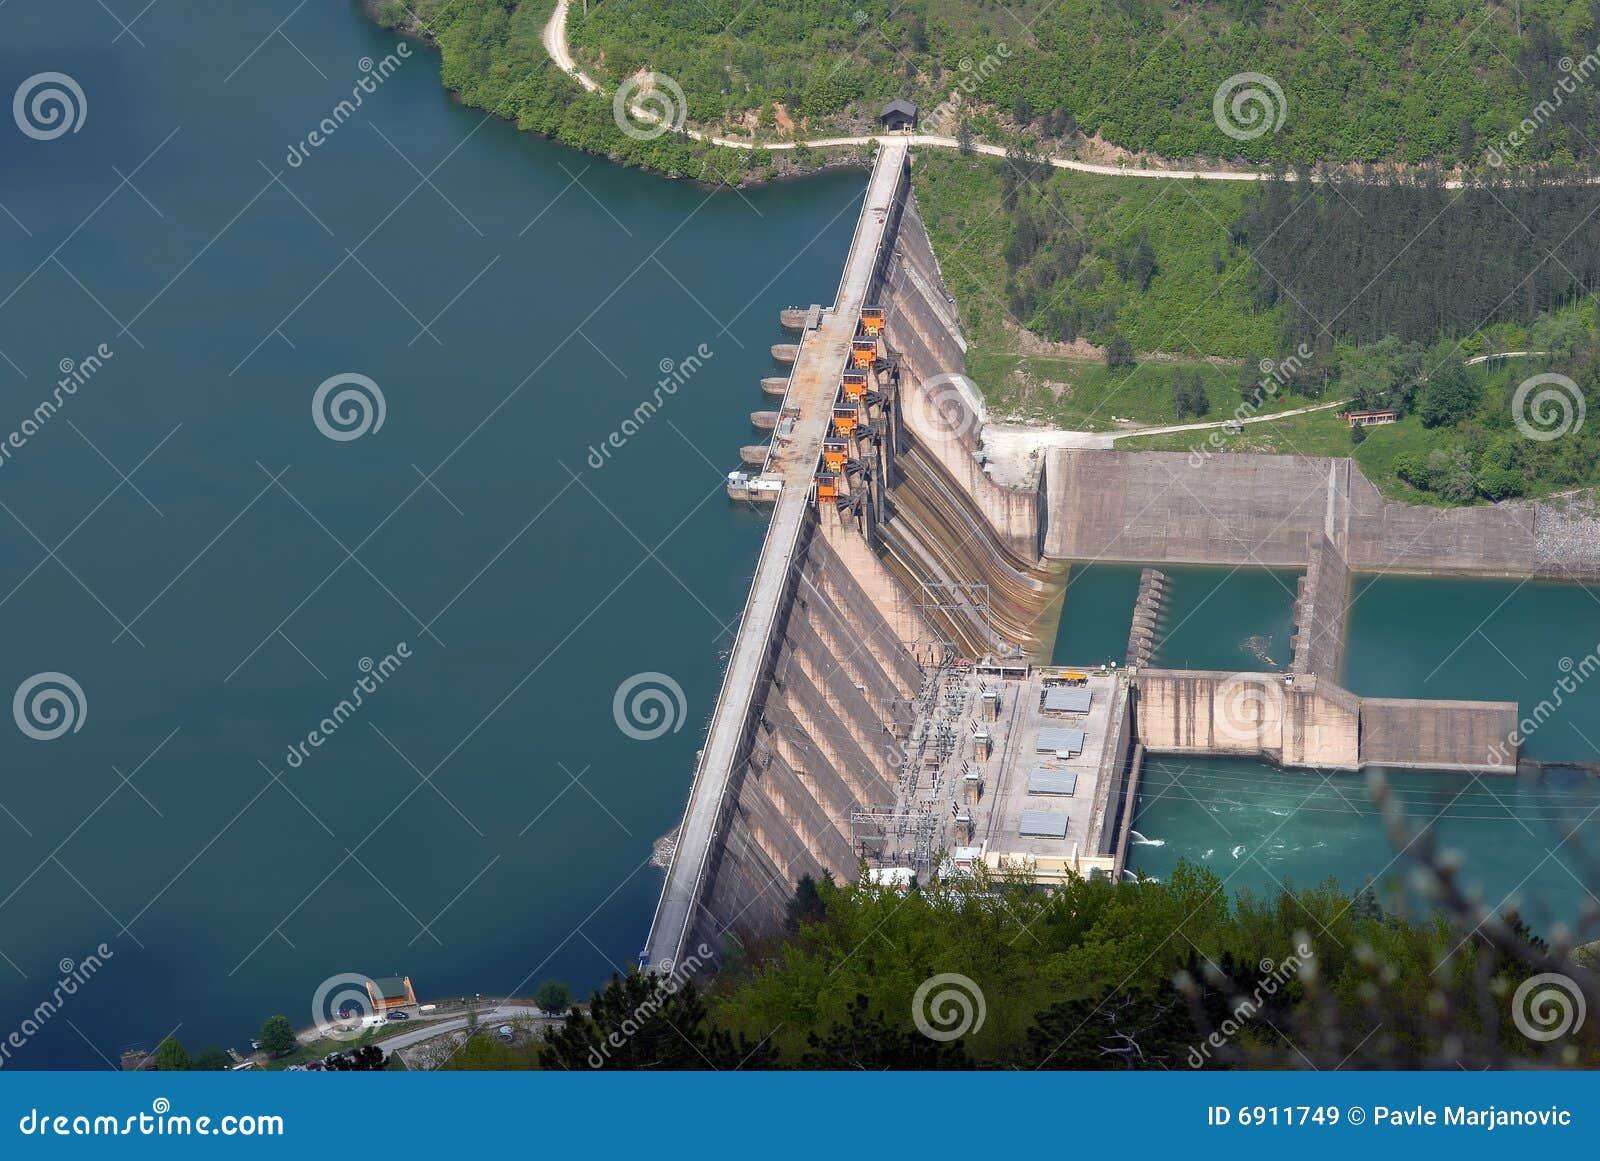 De barrièredam van het water